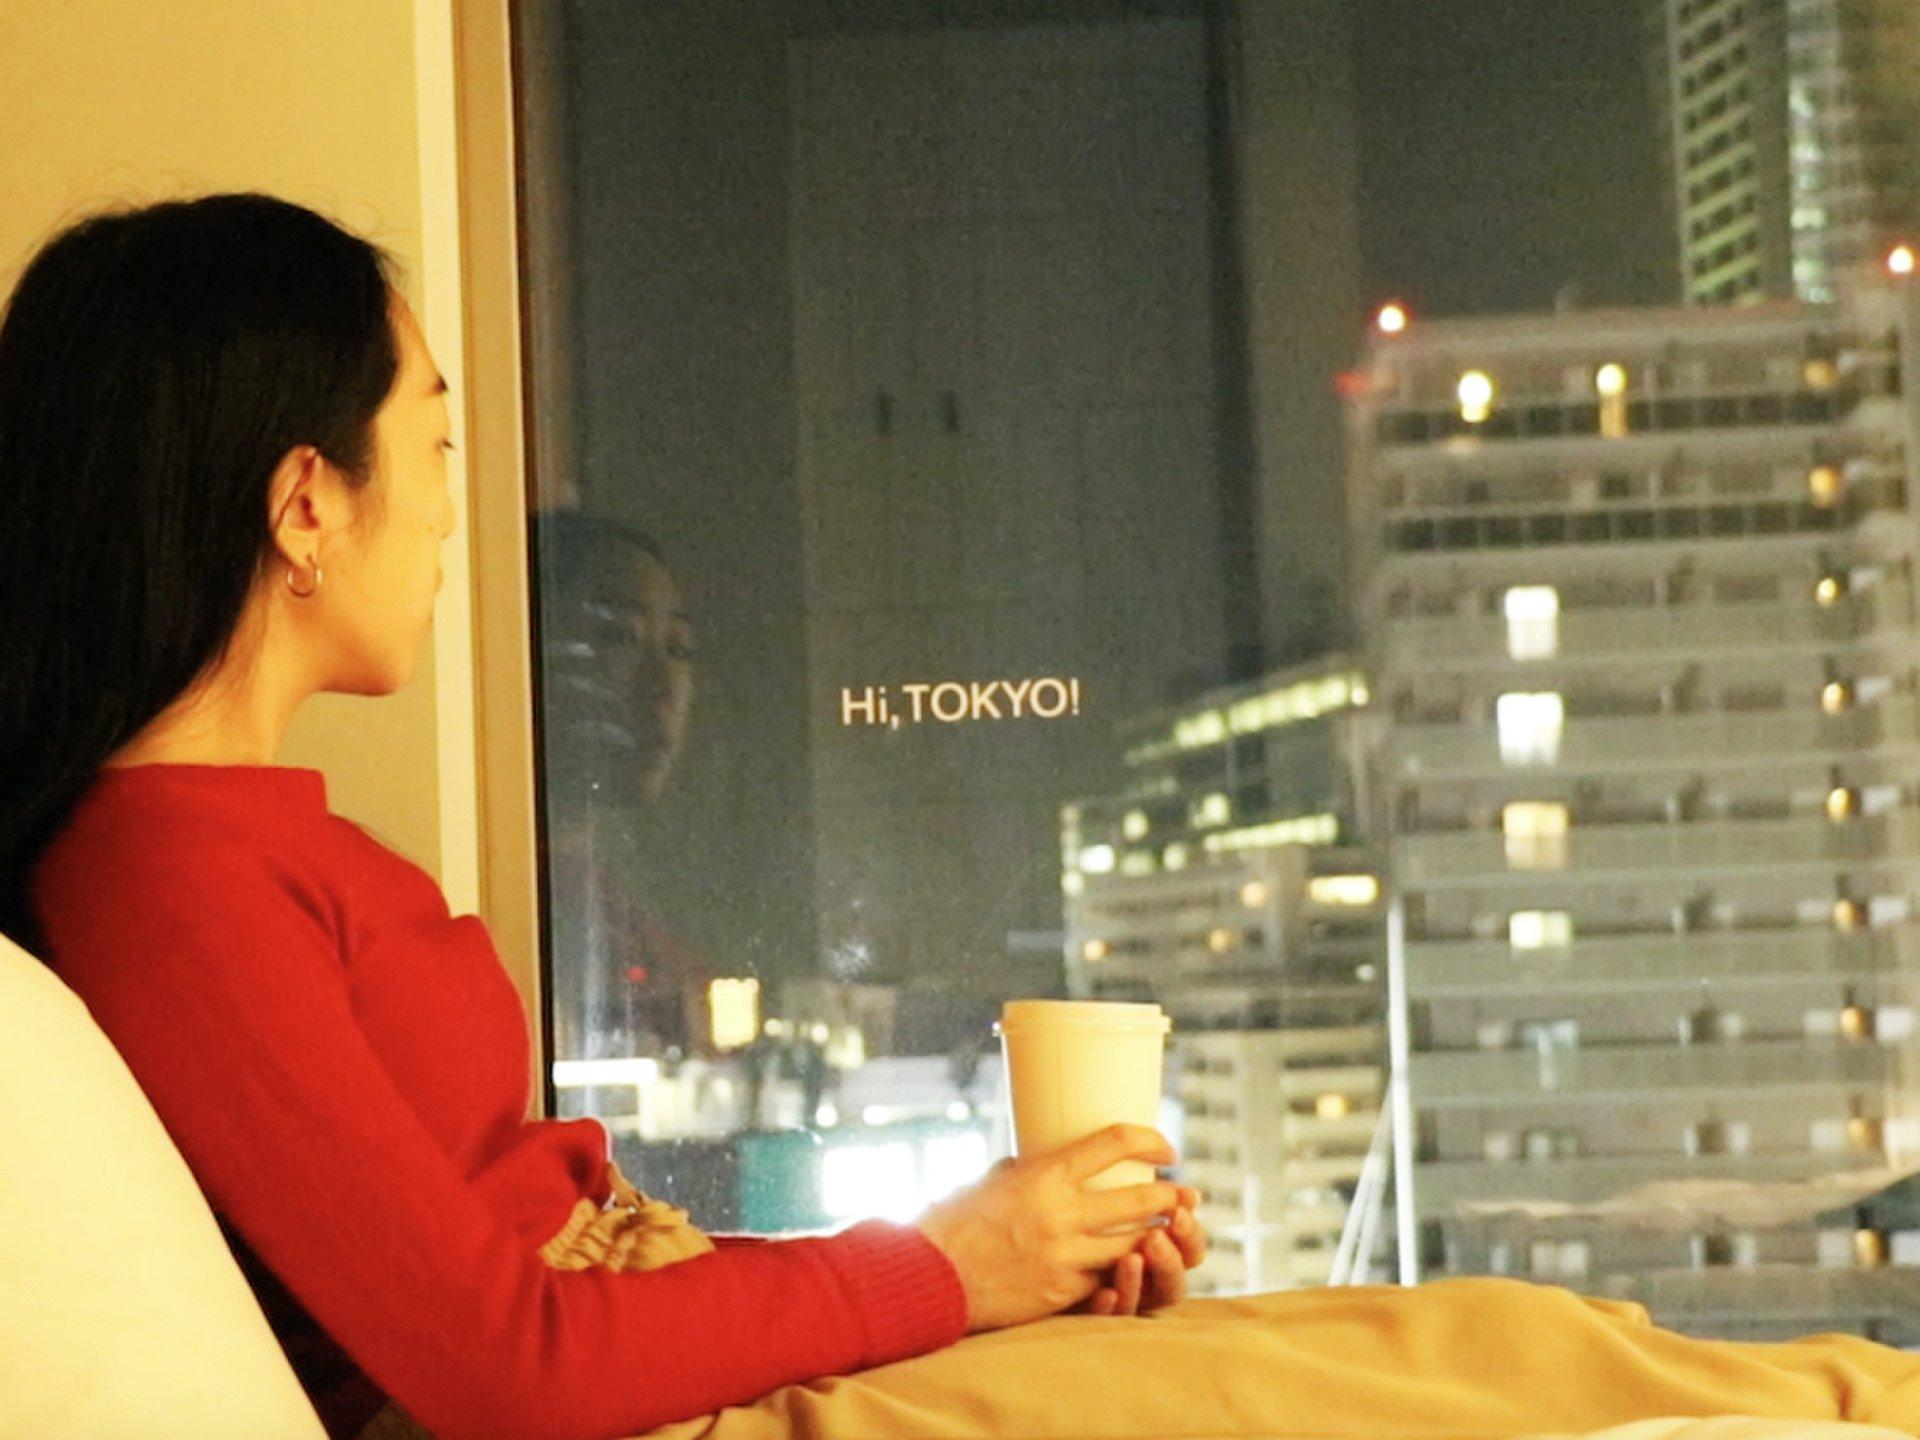 新しい渋谷に出会う!ソーシャルディスタンスで楽しむ宮下パーク sequenceに宿泊